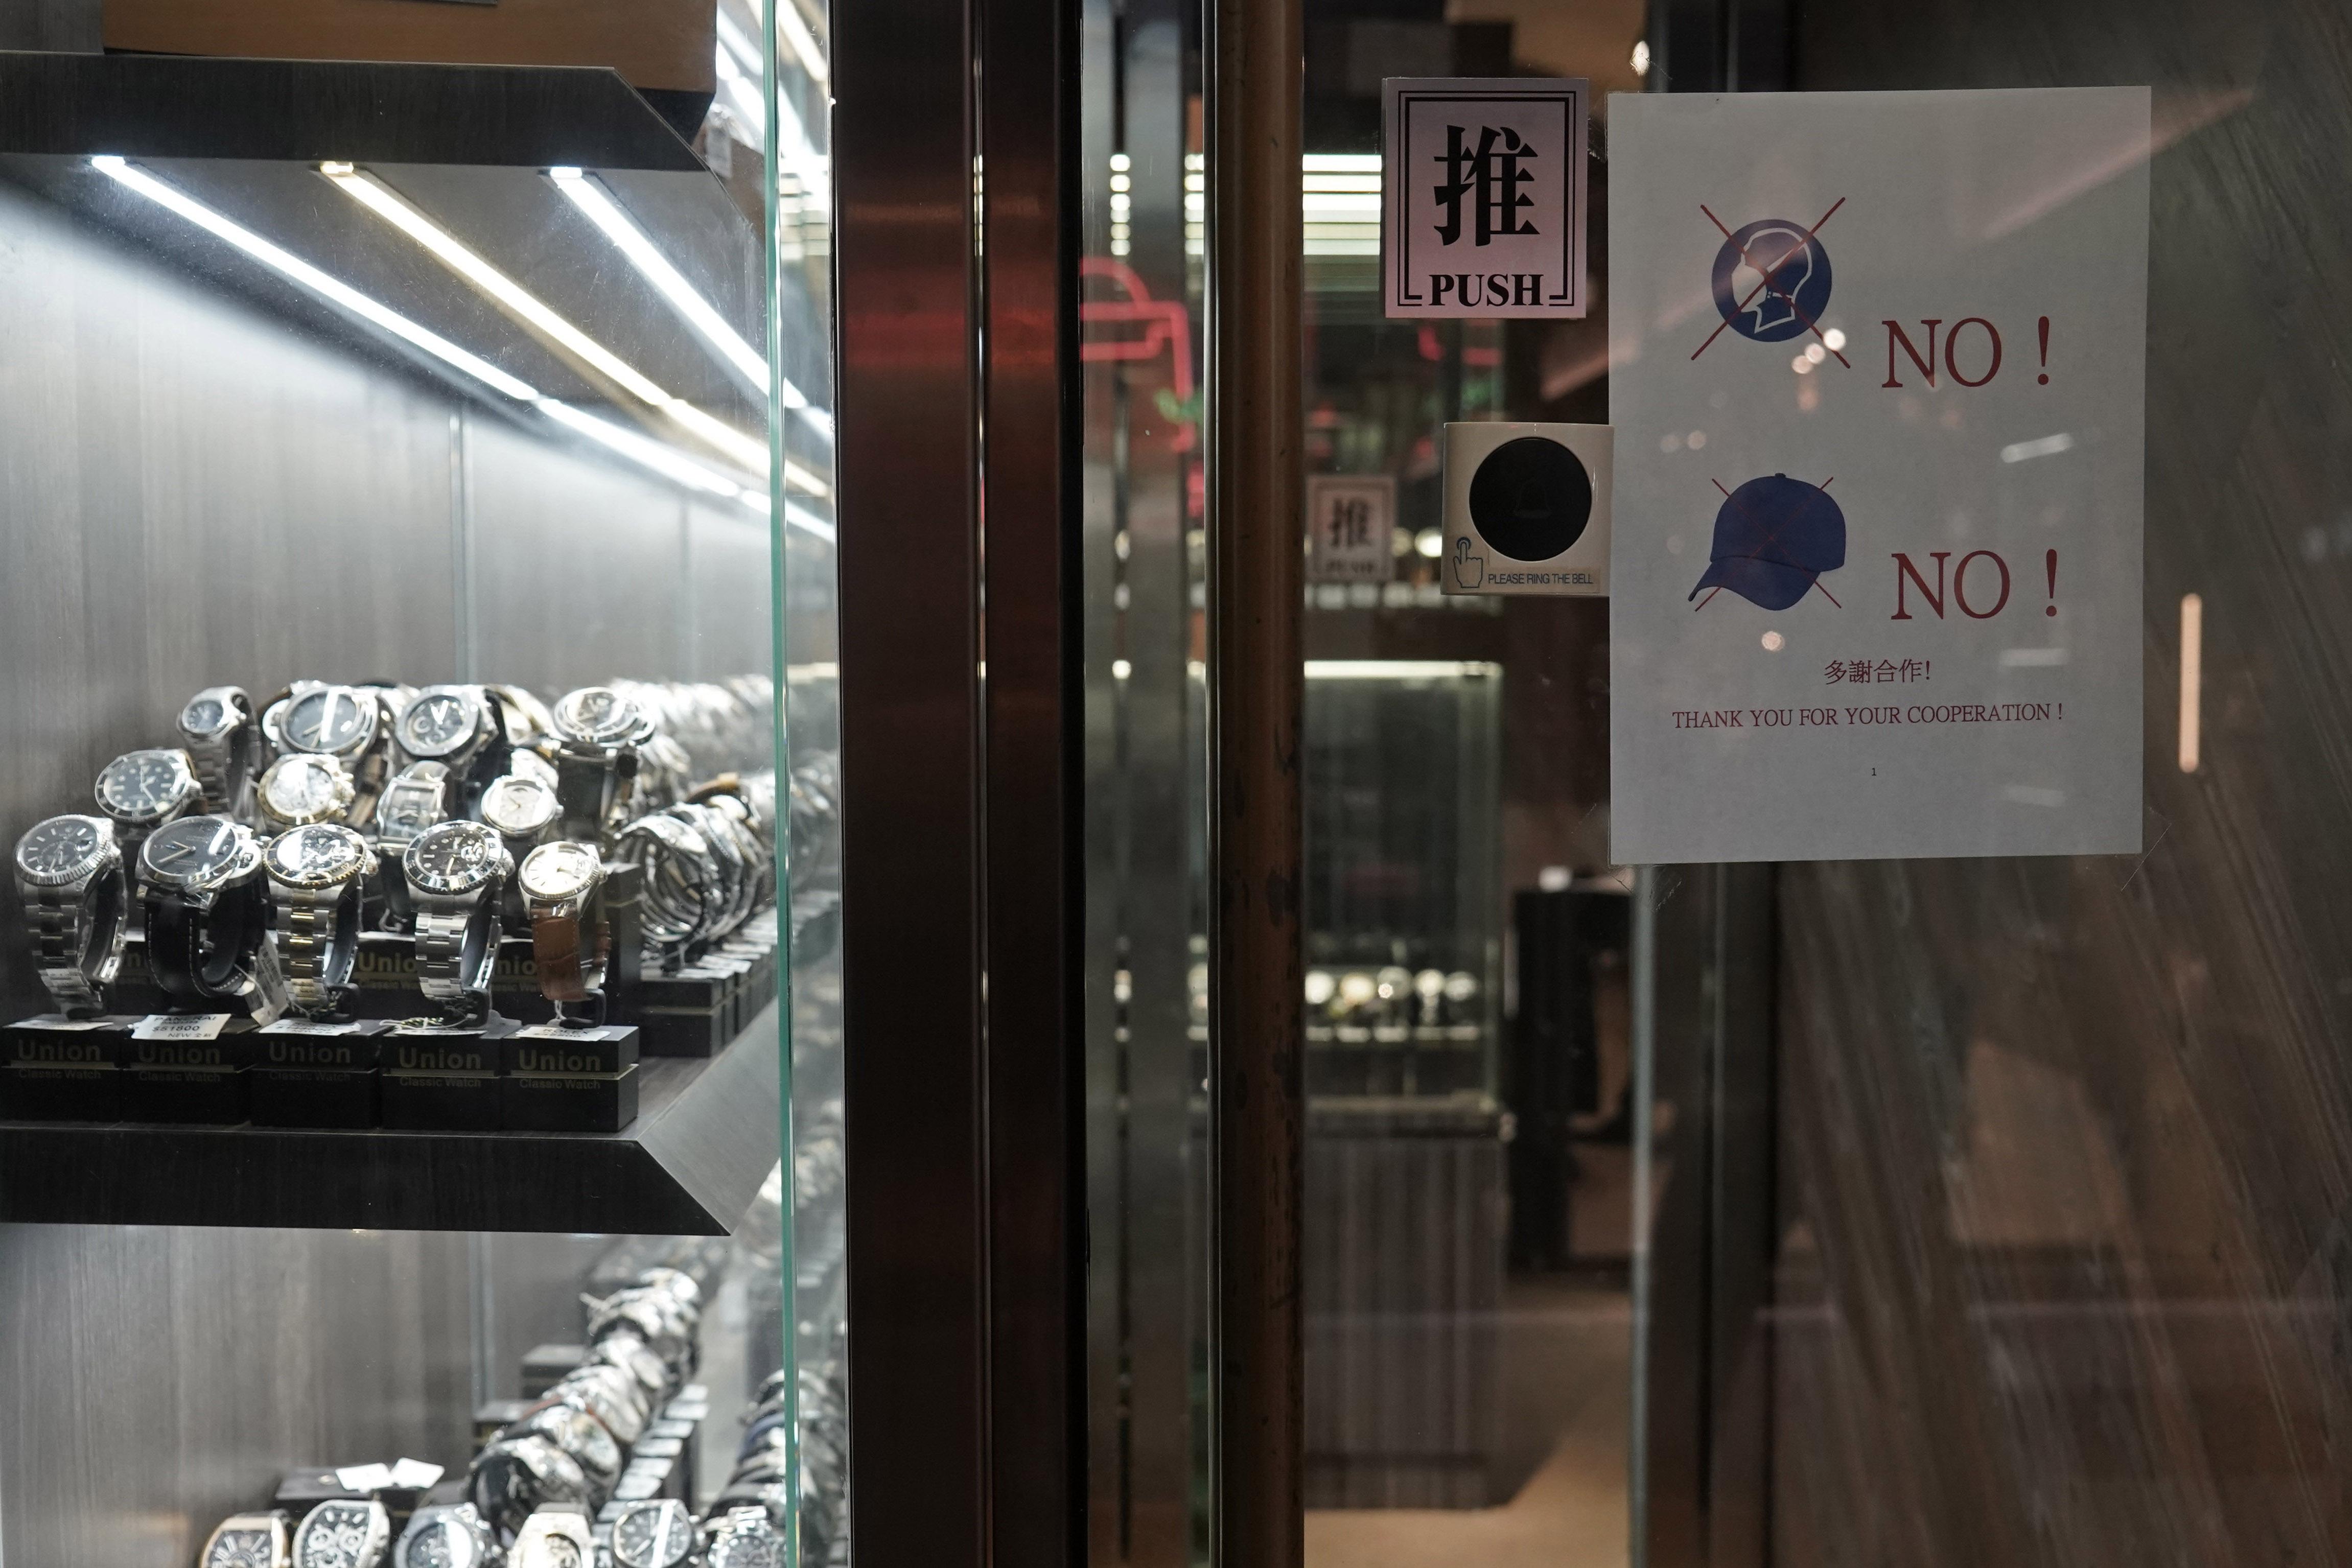 Smash and grab: Crime gangs prey on Hong Kong protests